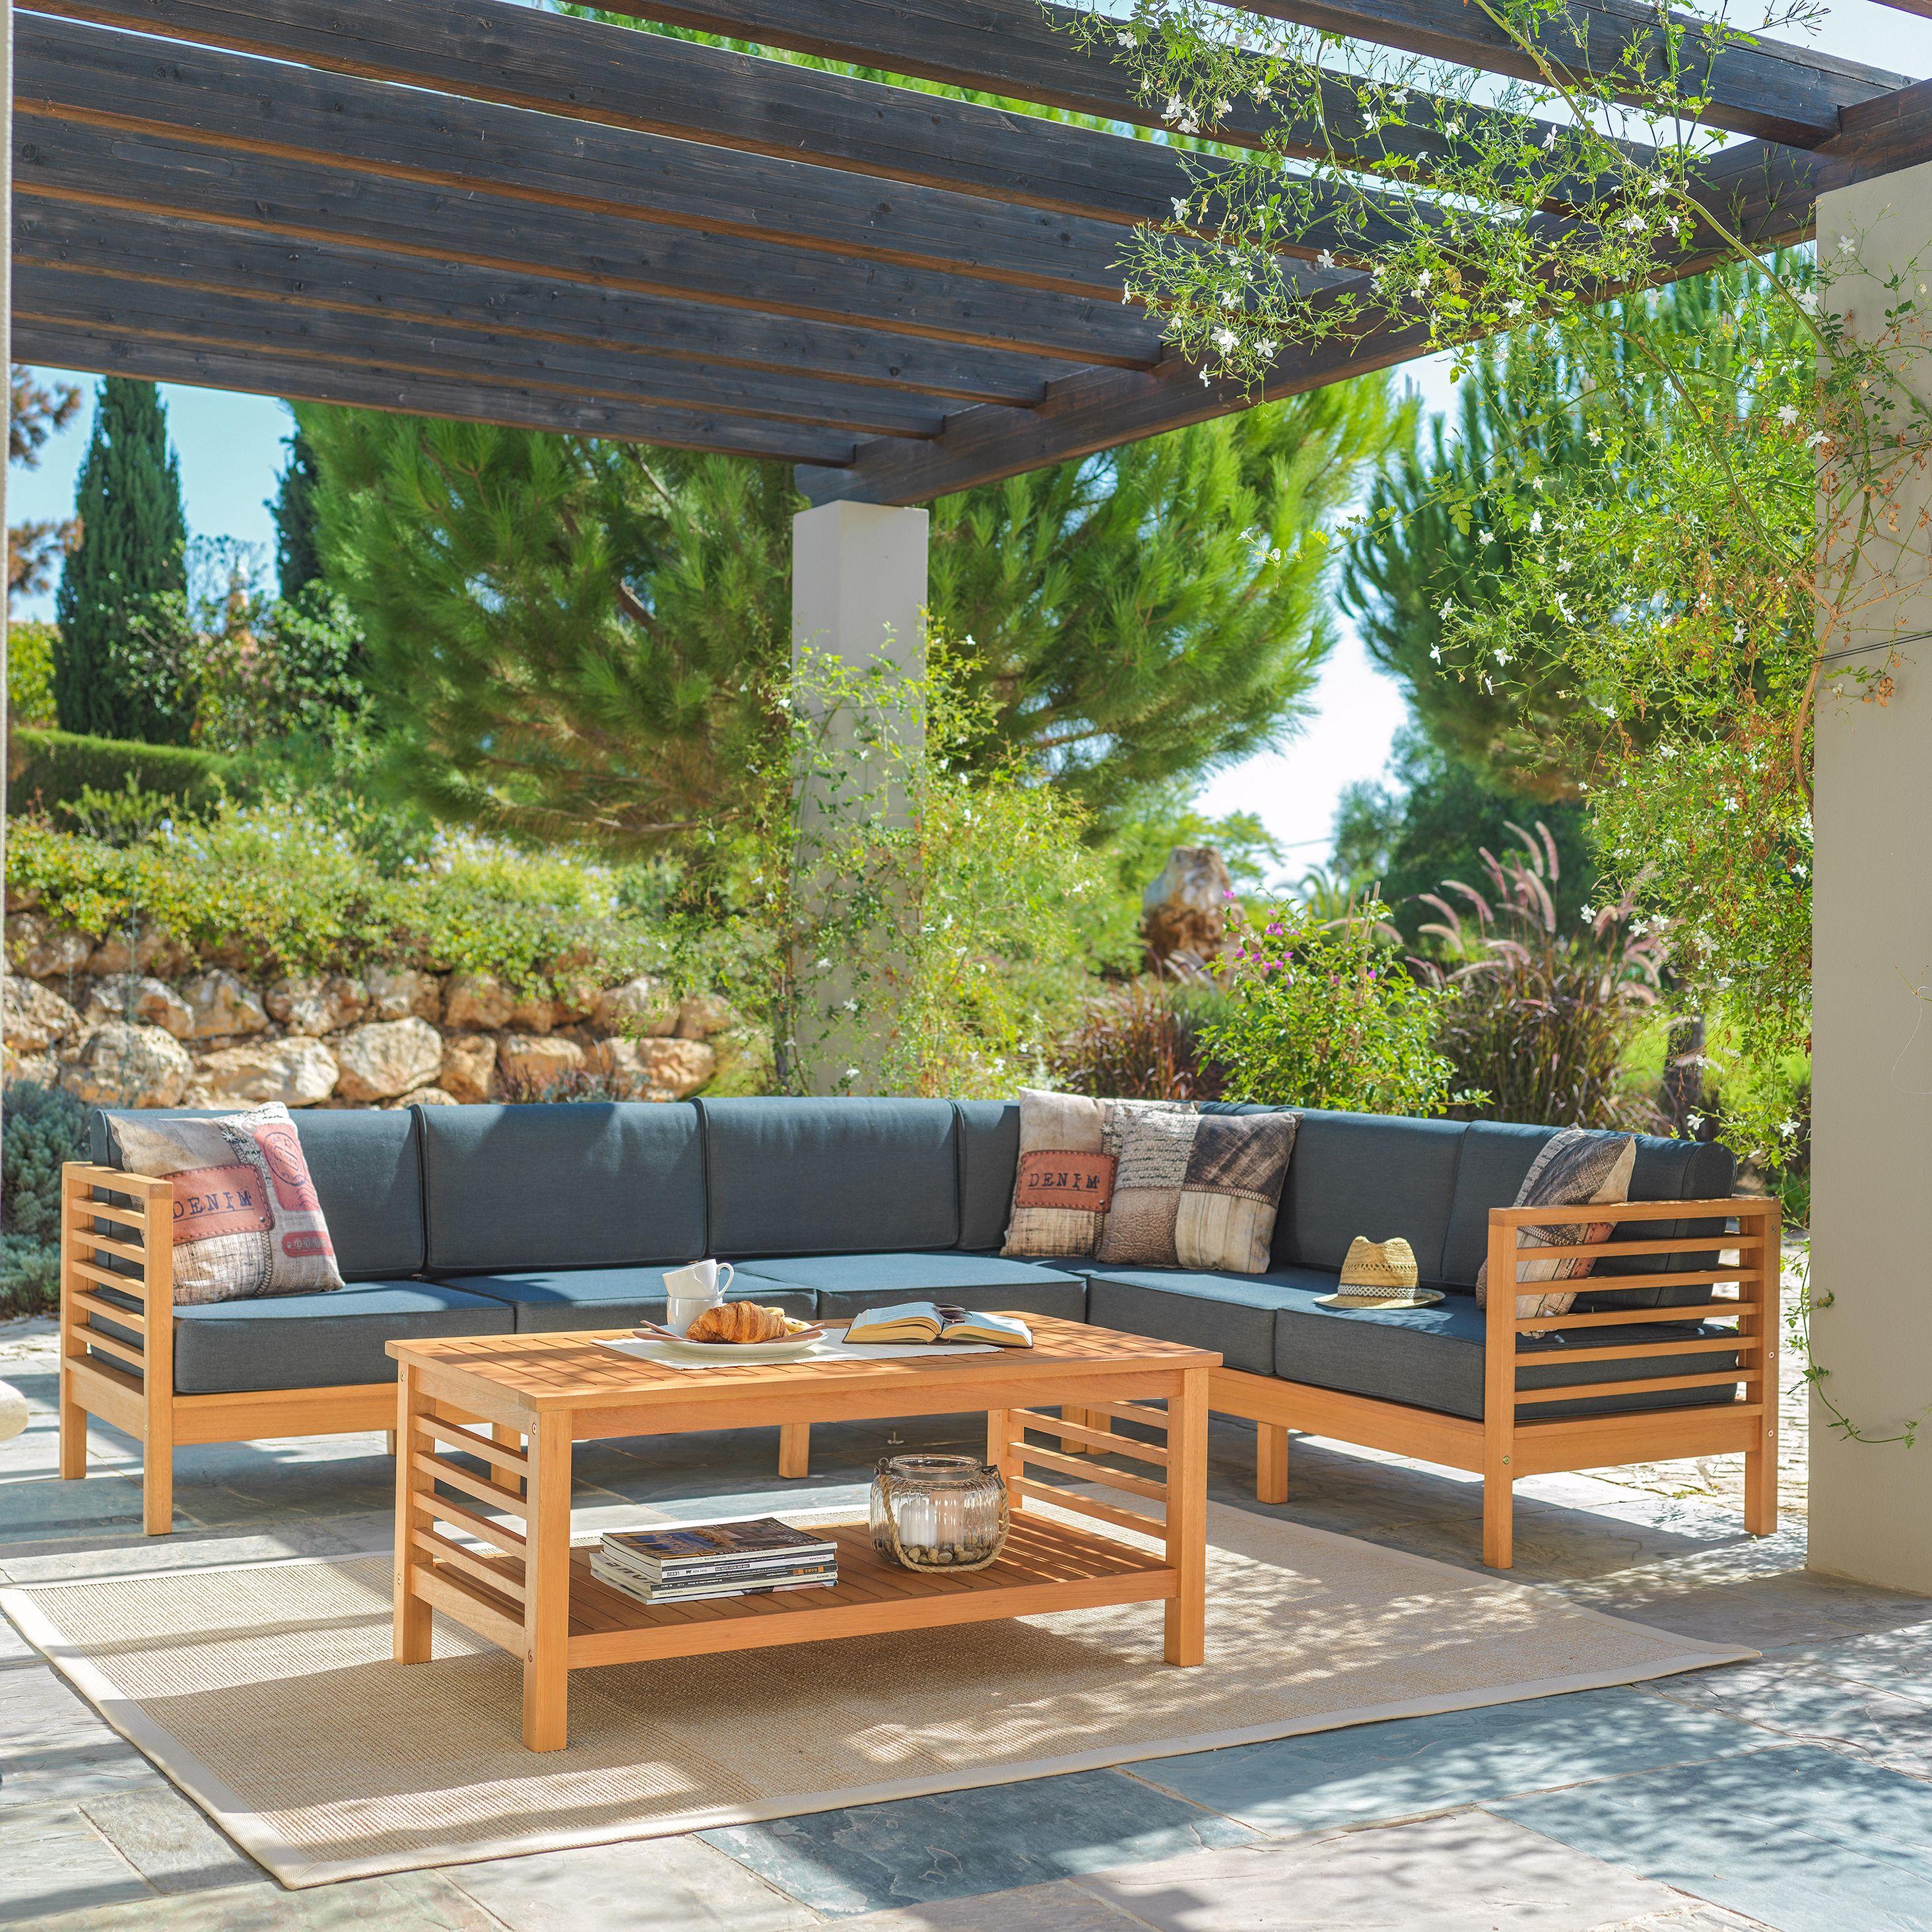 garten lounge design, garten lounge aus holz und textil - tolles design für die terrasse, Design ideen